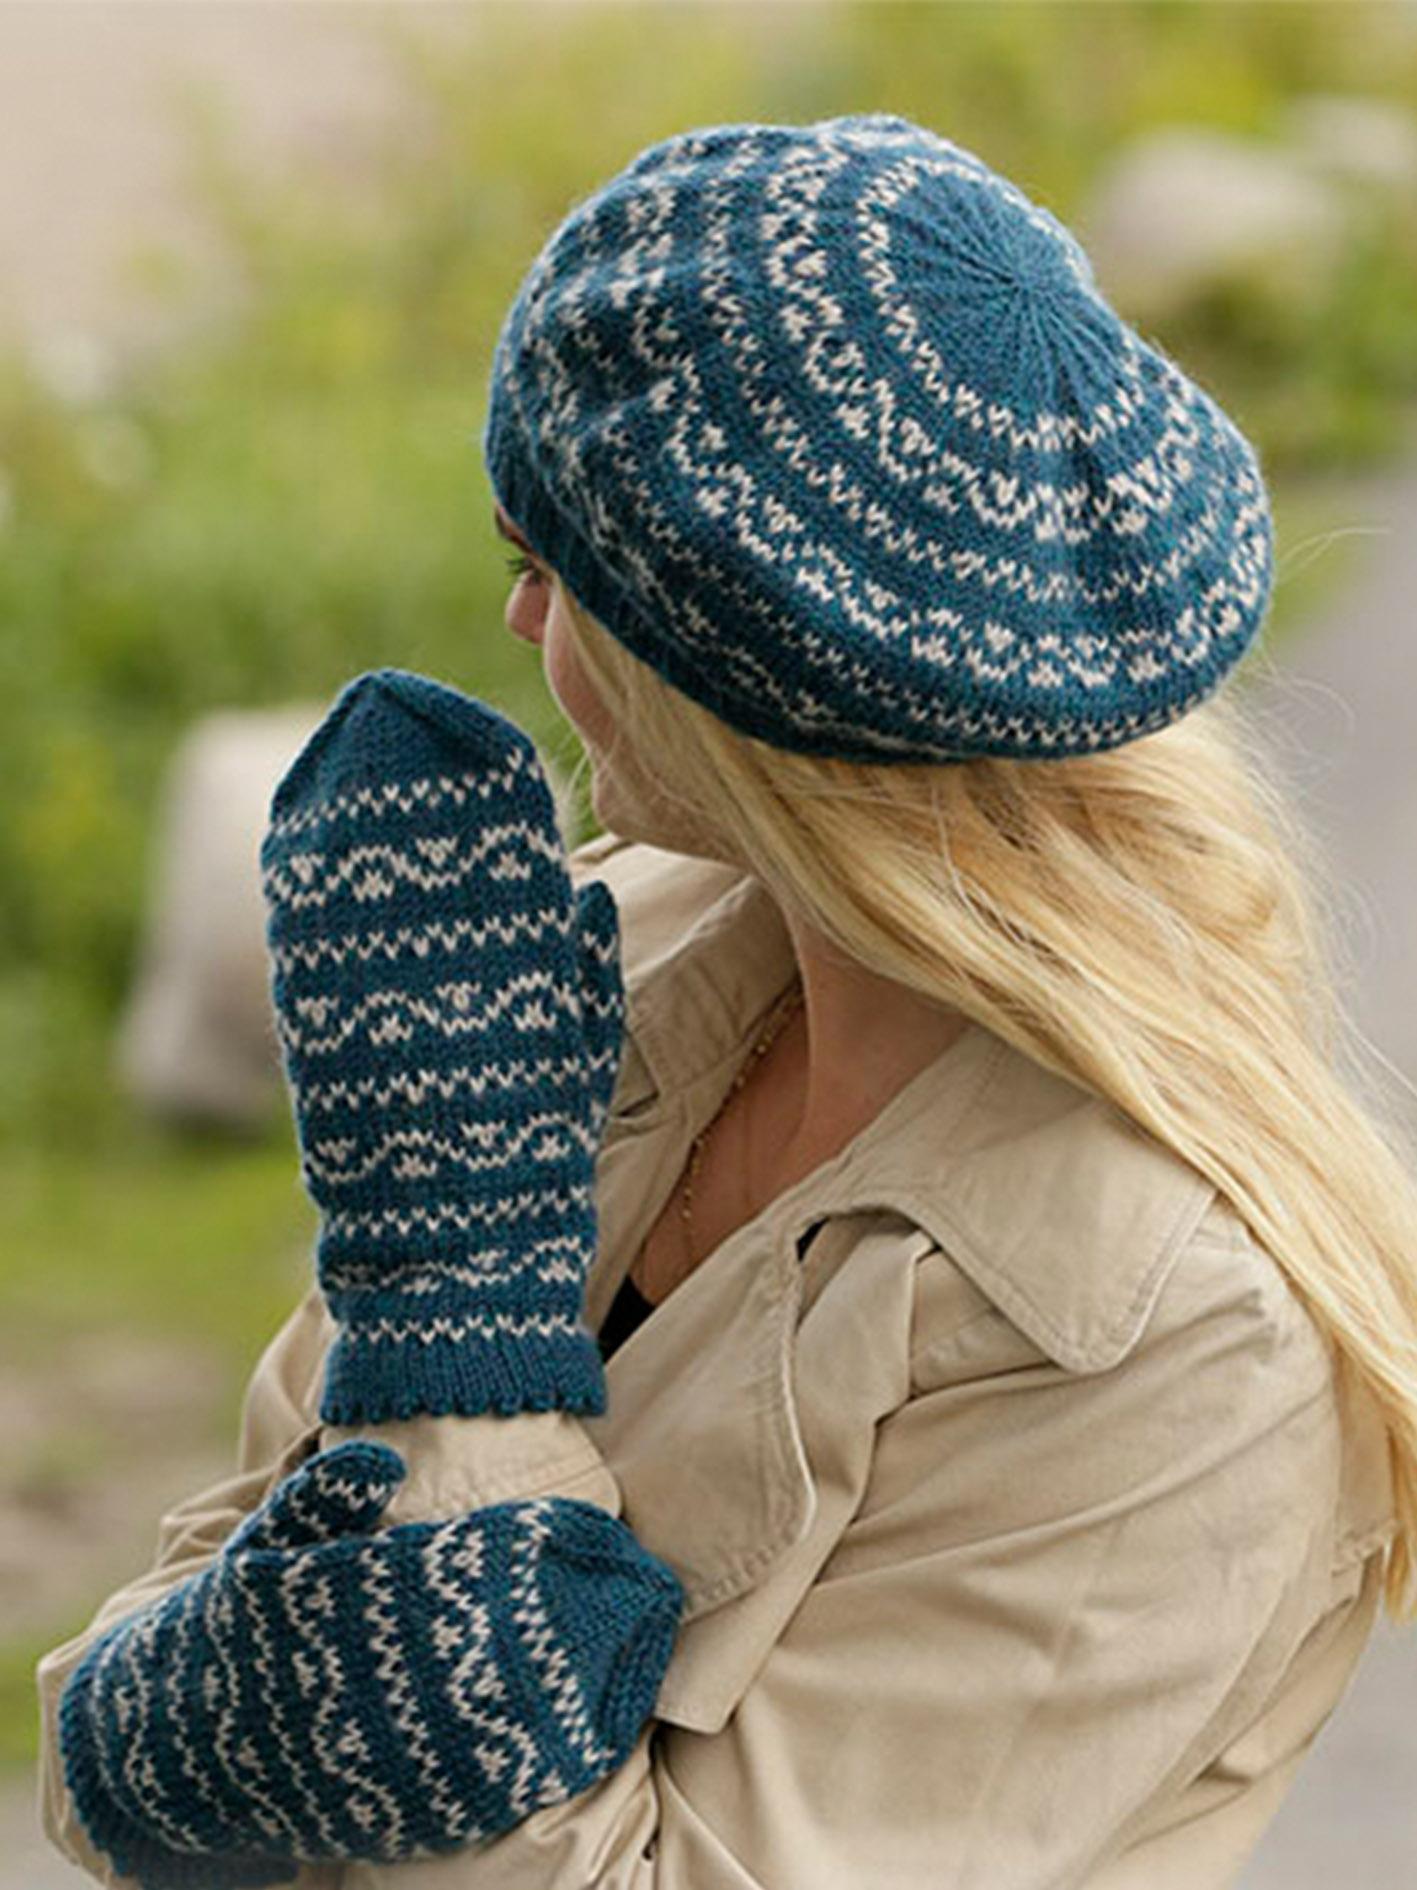 rapido-como-um-wink-presentes-de-ferias-30-padroes-de-chapeu-de-crochet-free